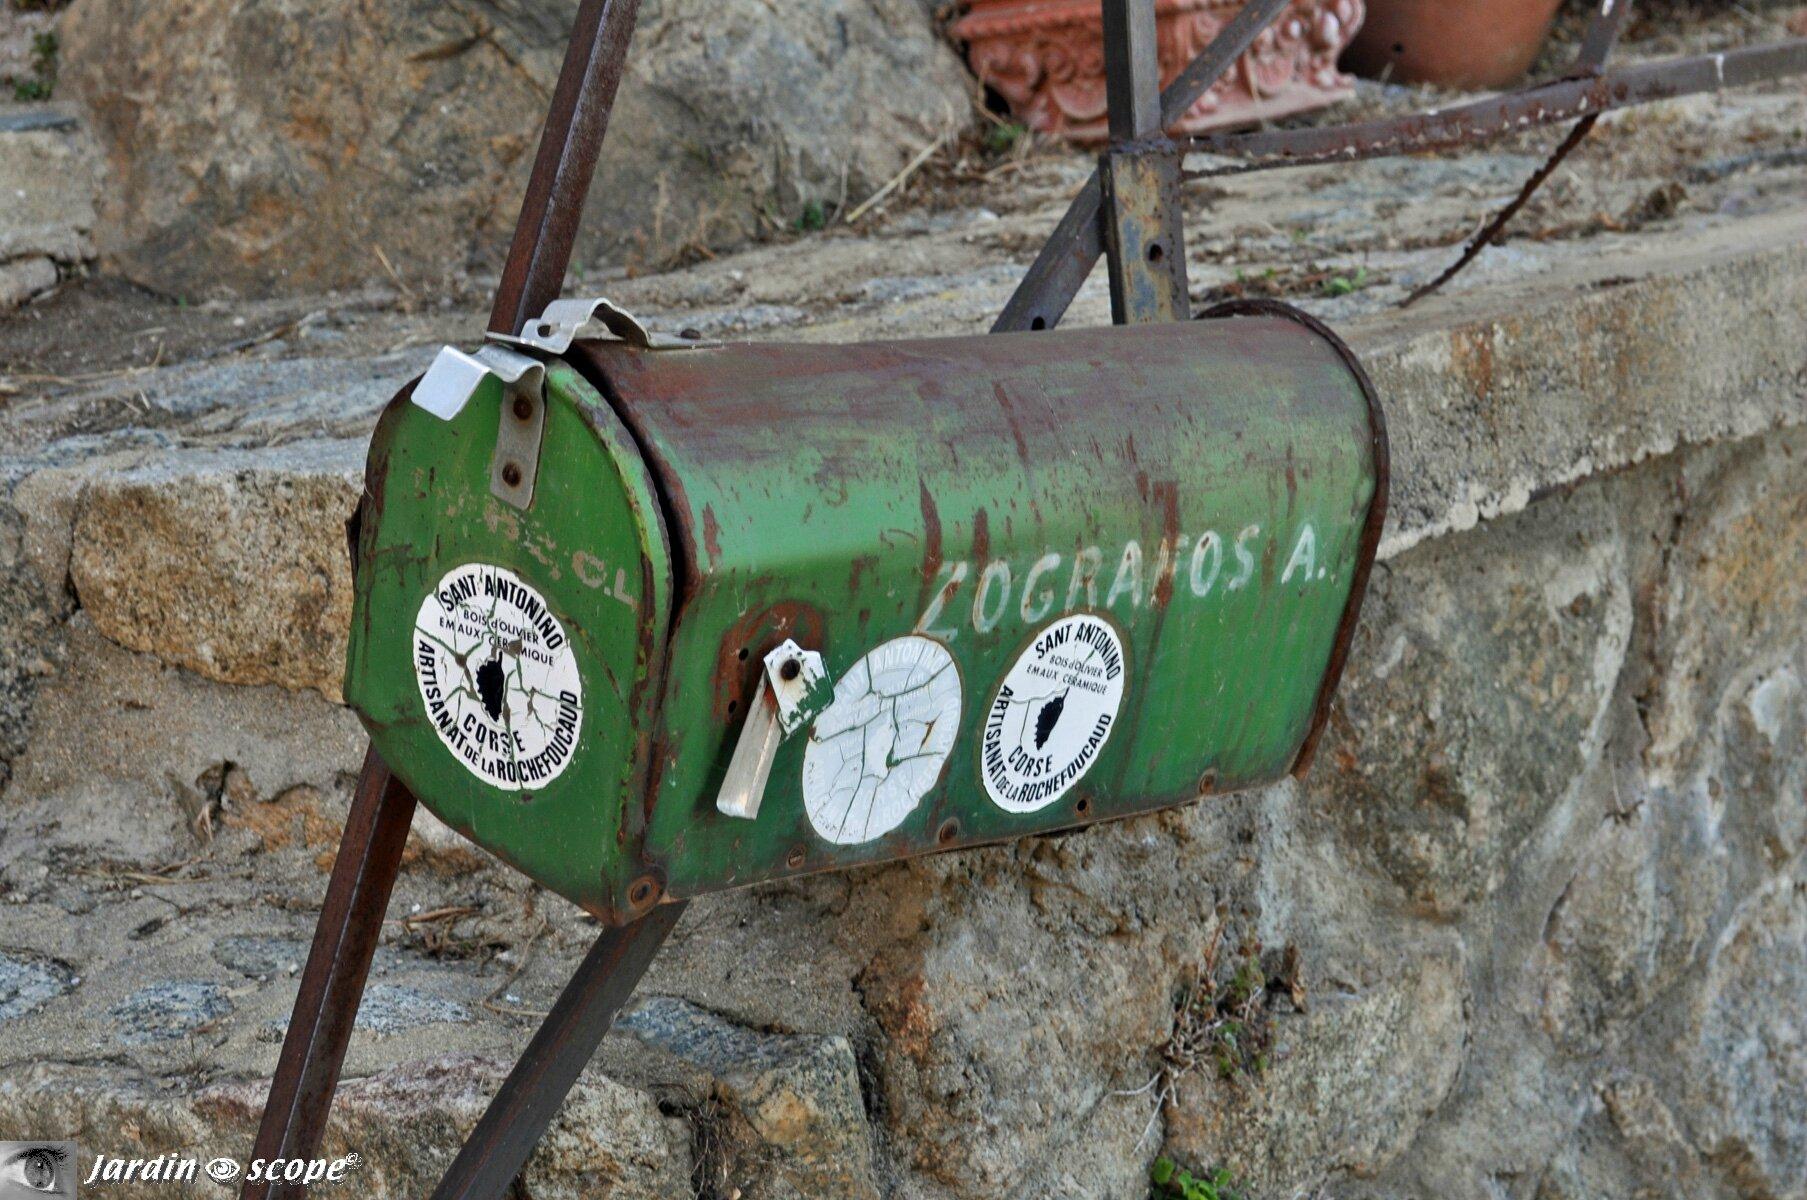 Boîte aux lettres à Sant-Antonino en Corse